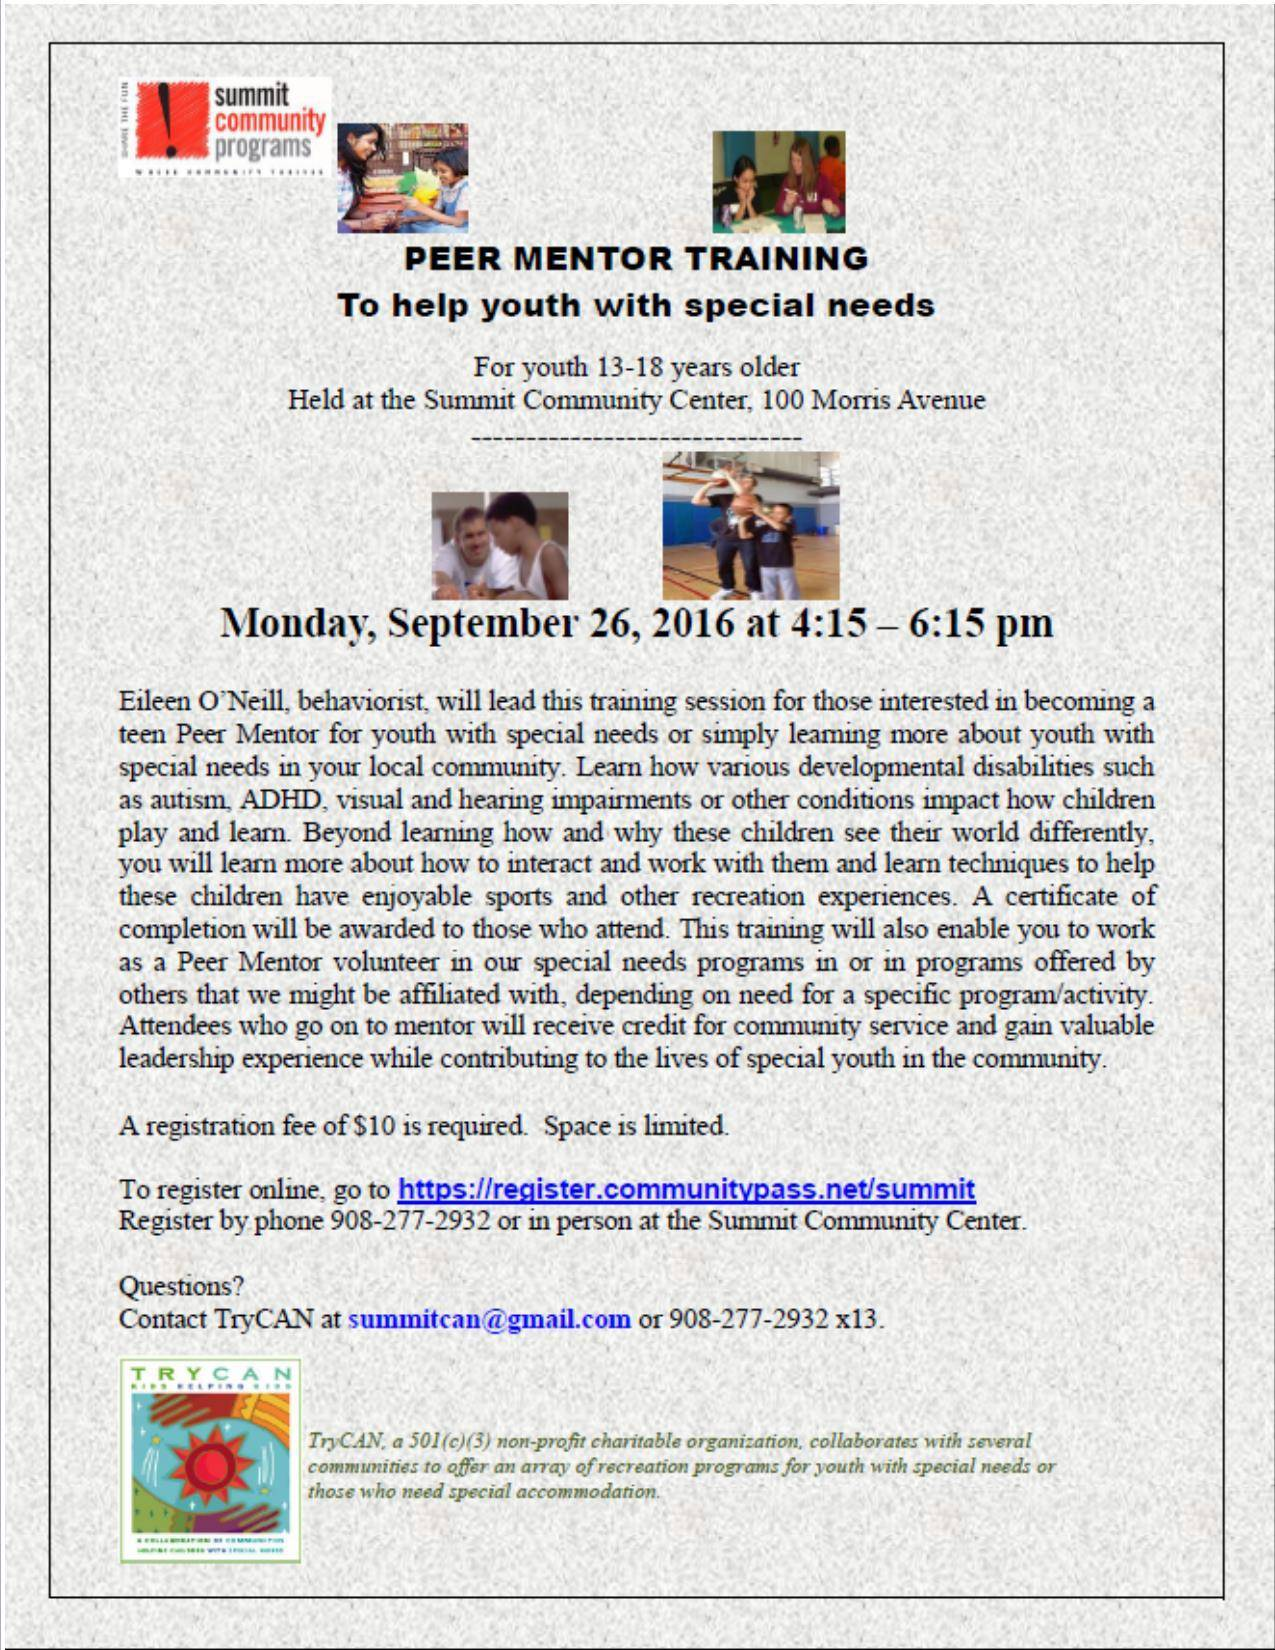 a4a7b46faf19d8b340f9_Mentor_Training_flyer_September_2016.jpg